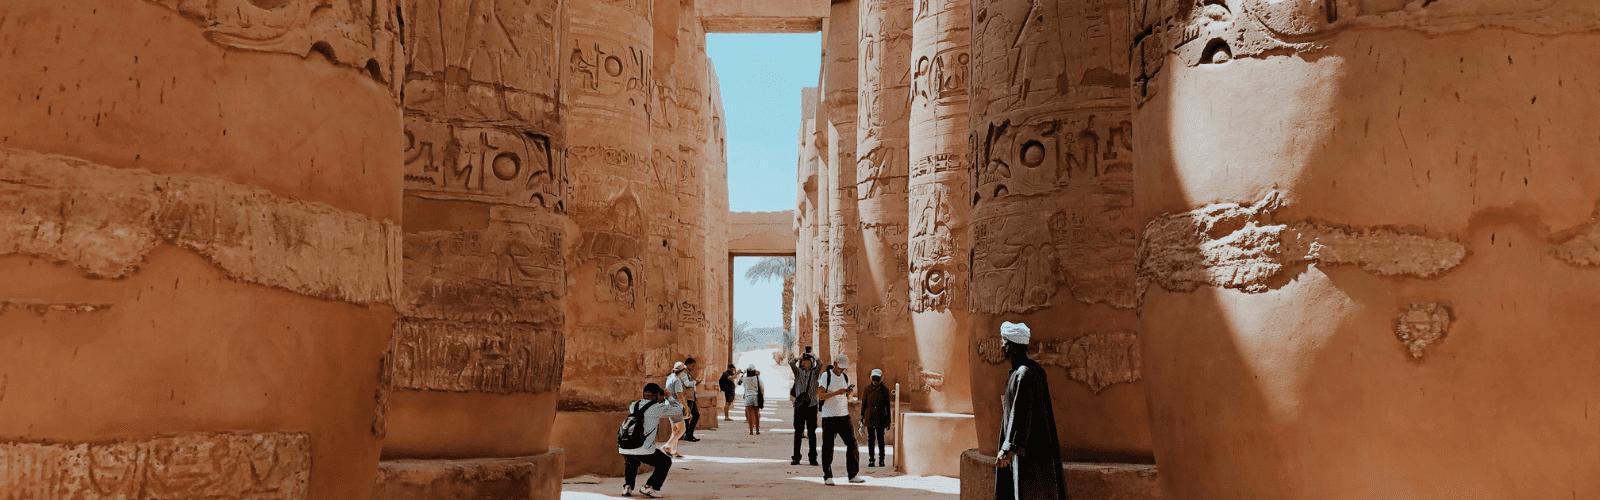 amunet_en